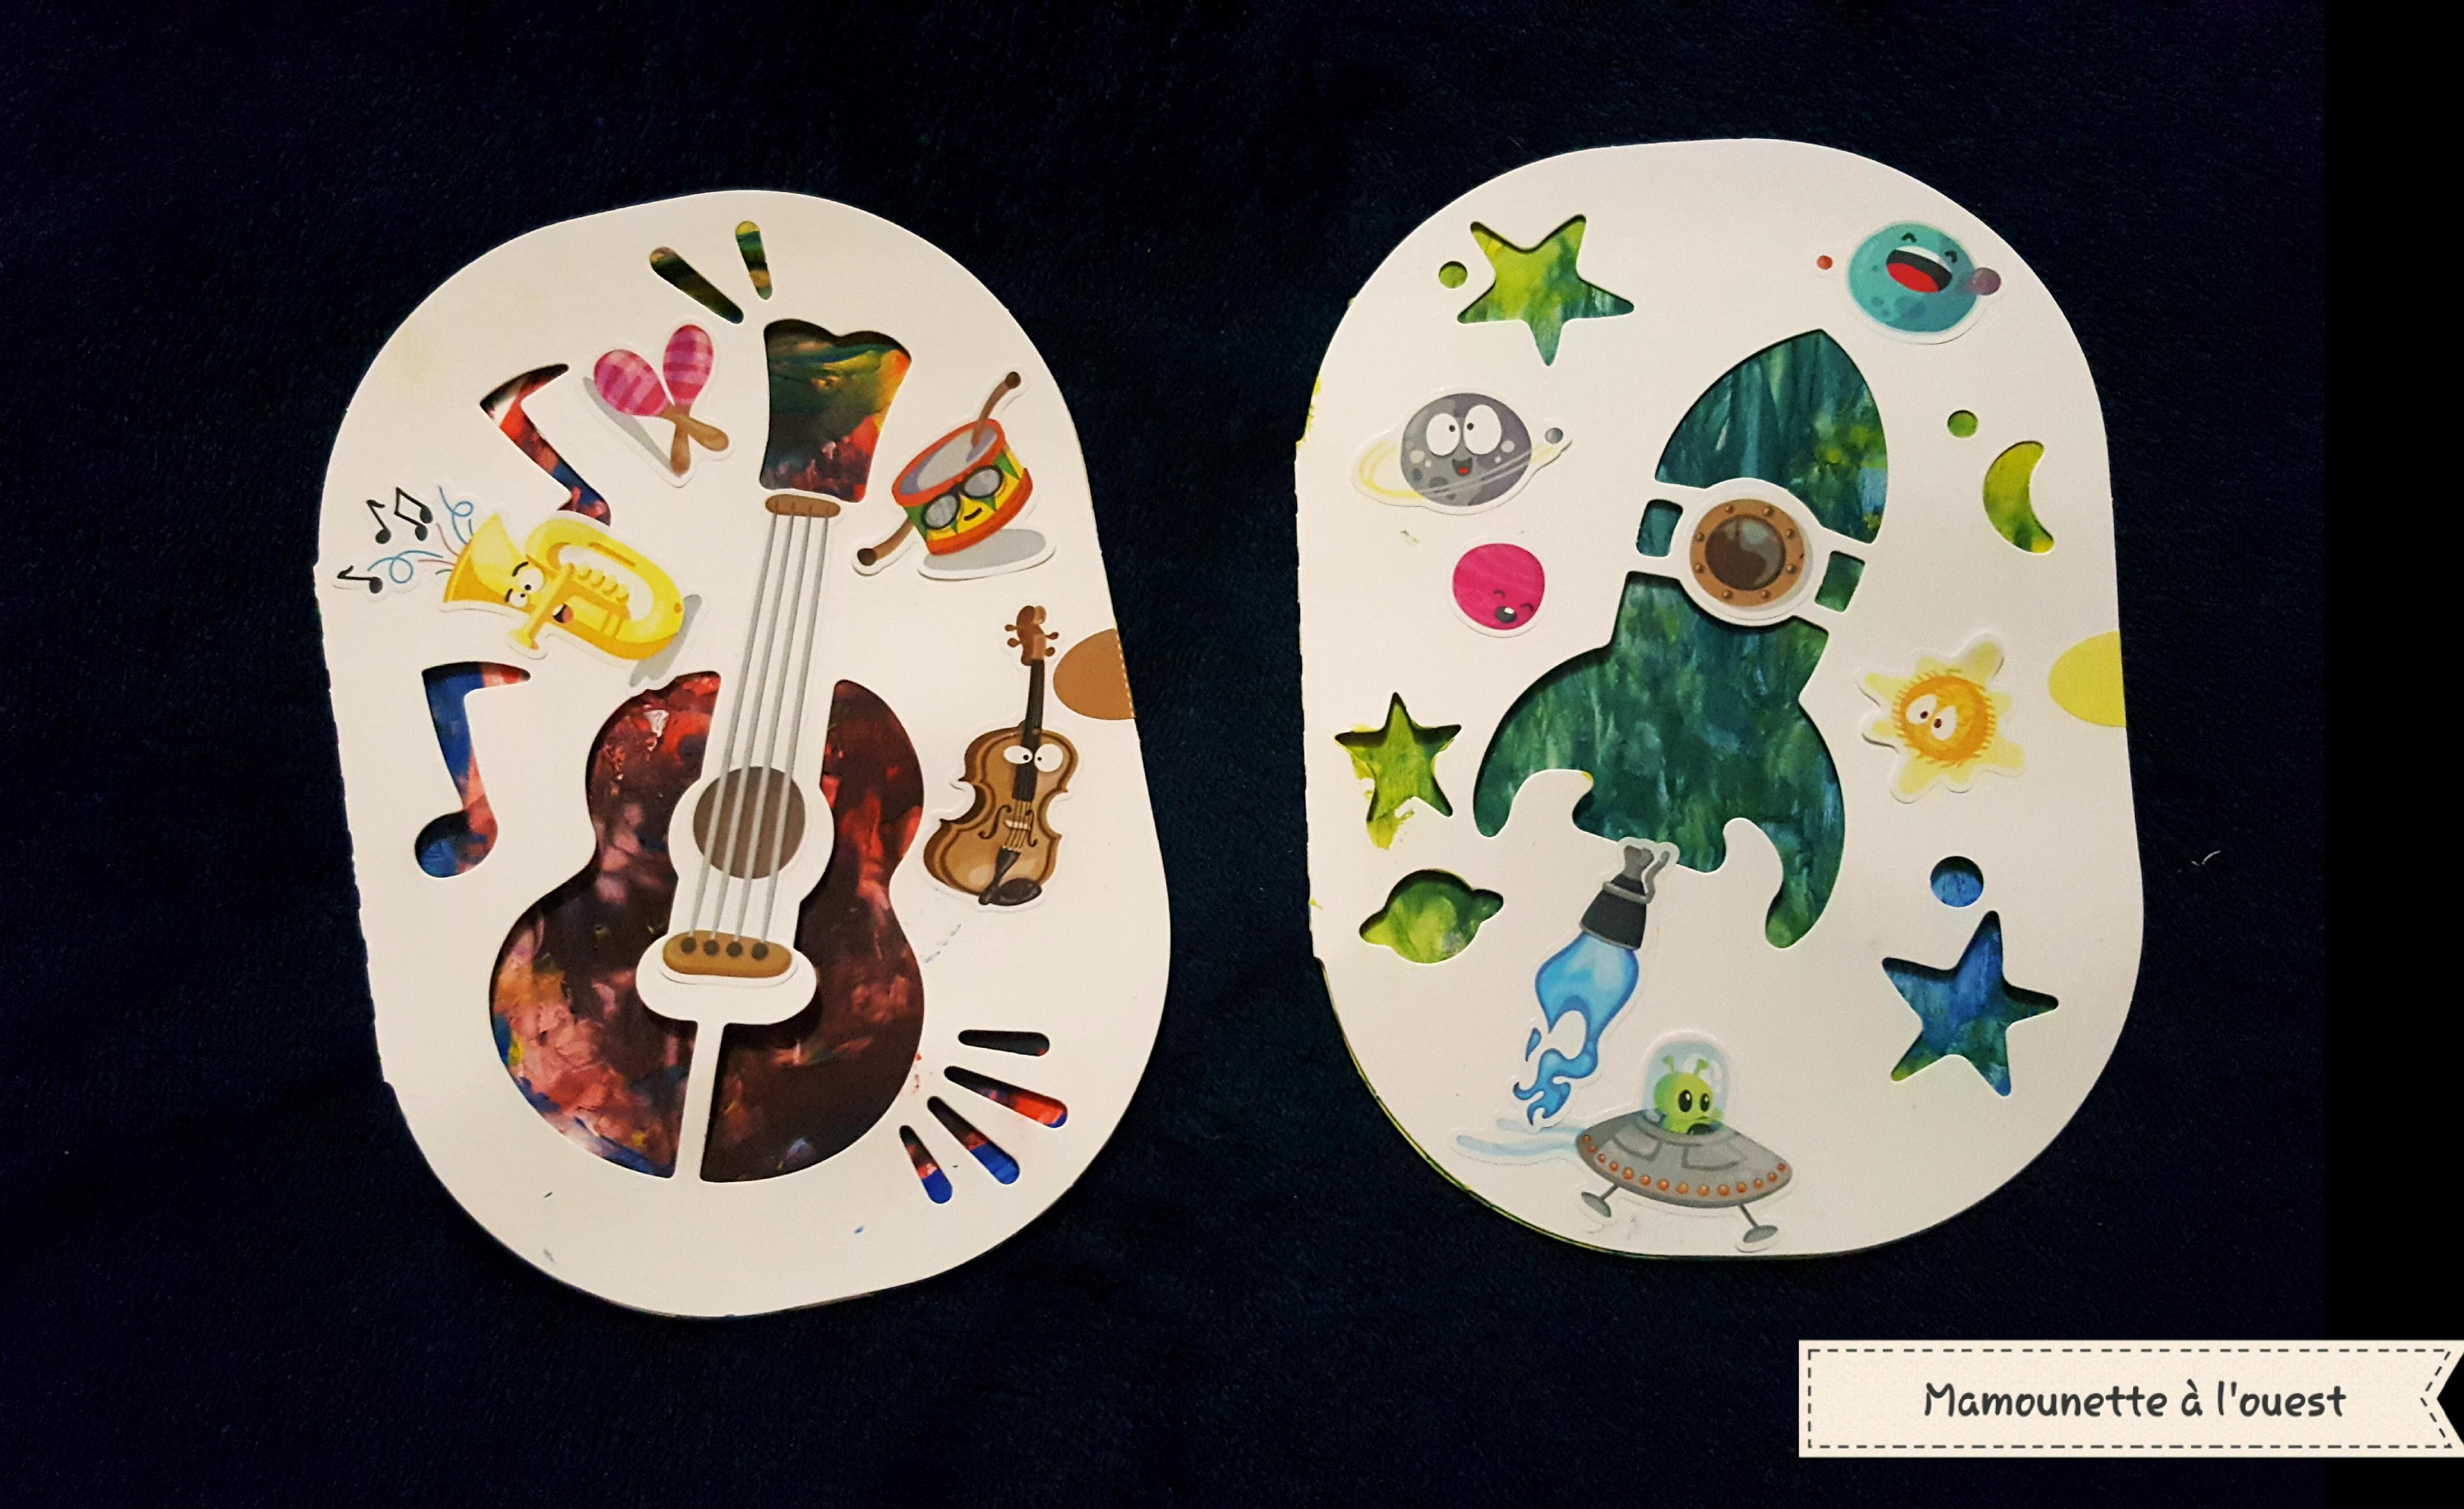 Les réalisations de Manoë avec Mon premier Kit de peinture au doigt de Maped Créativ, sur le thème de la musique et de l'espace.